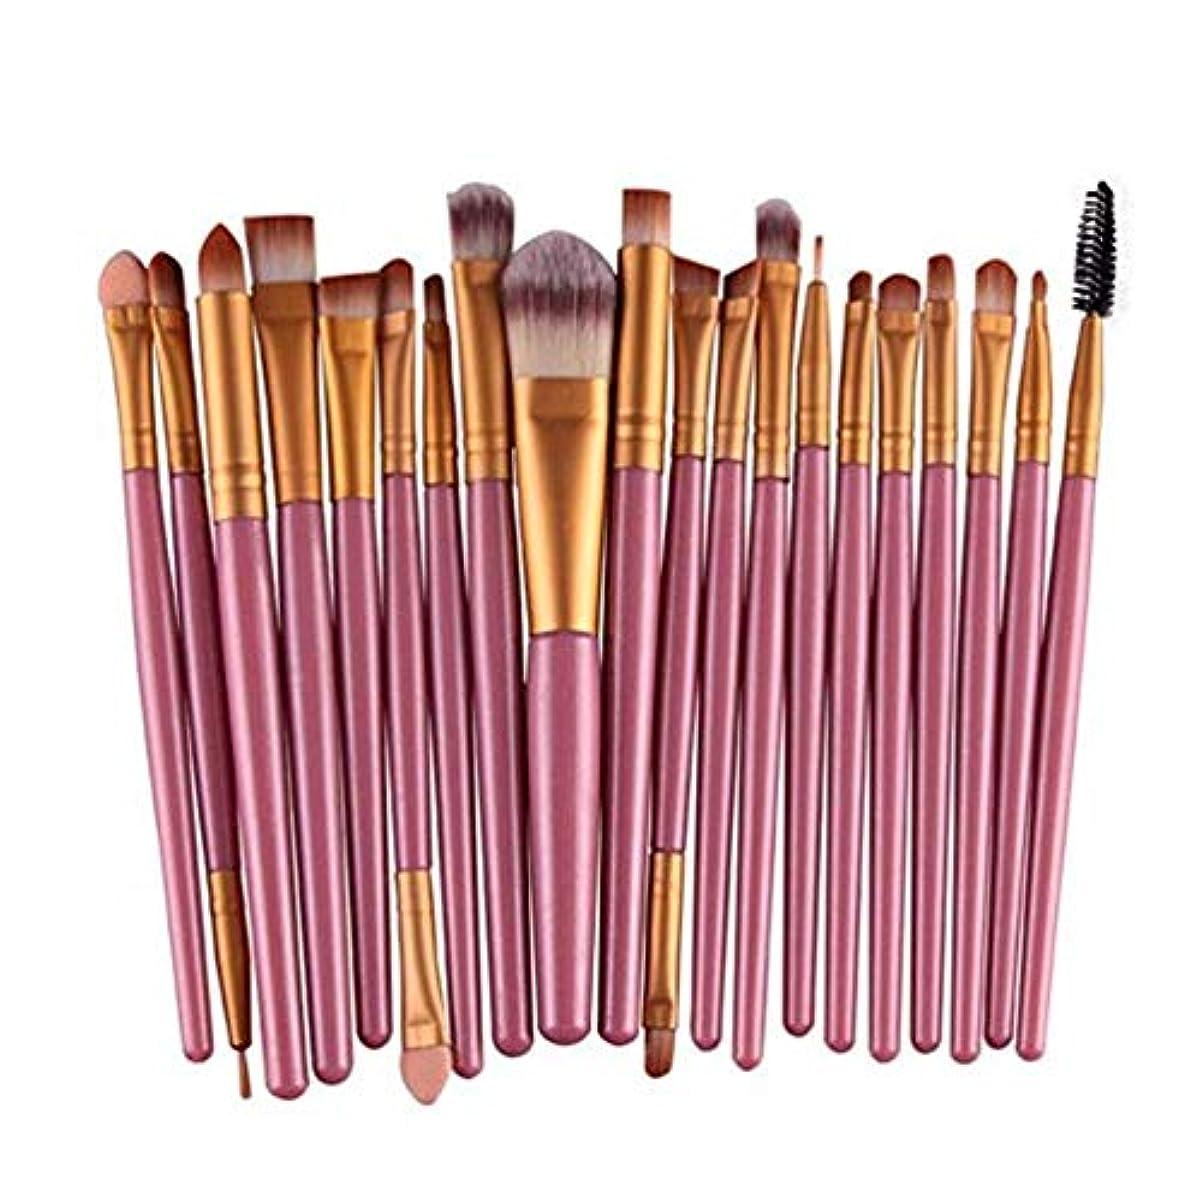 活発枯渇する回復アイシャドウブラシセット20ピース化粧アイブラシアイシャドウブレンドブラシアイブロウアイライナーリップブラシ美容ブラシ、ギフトに最適 (Color : Pink)